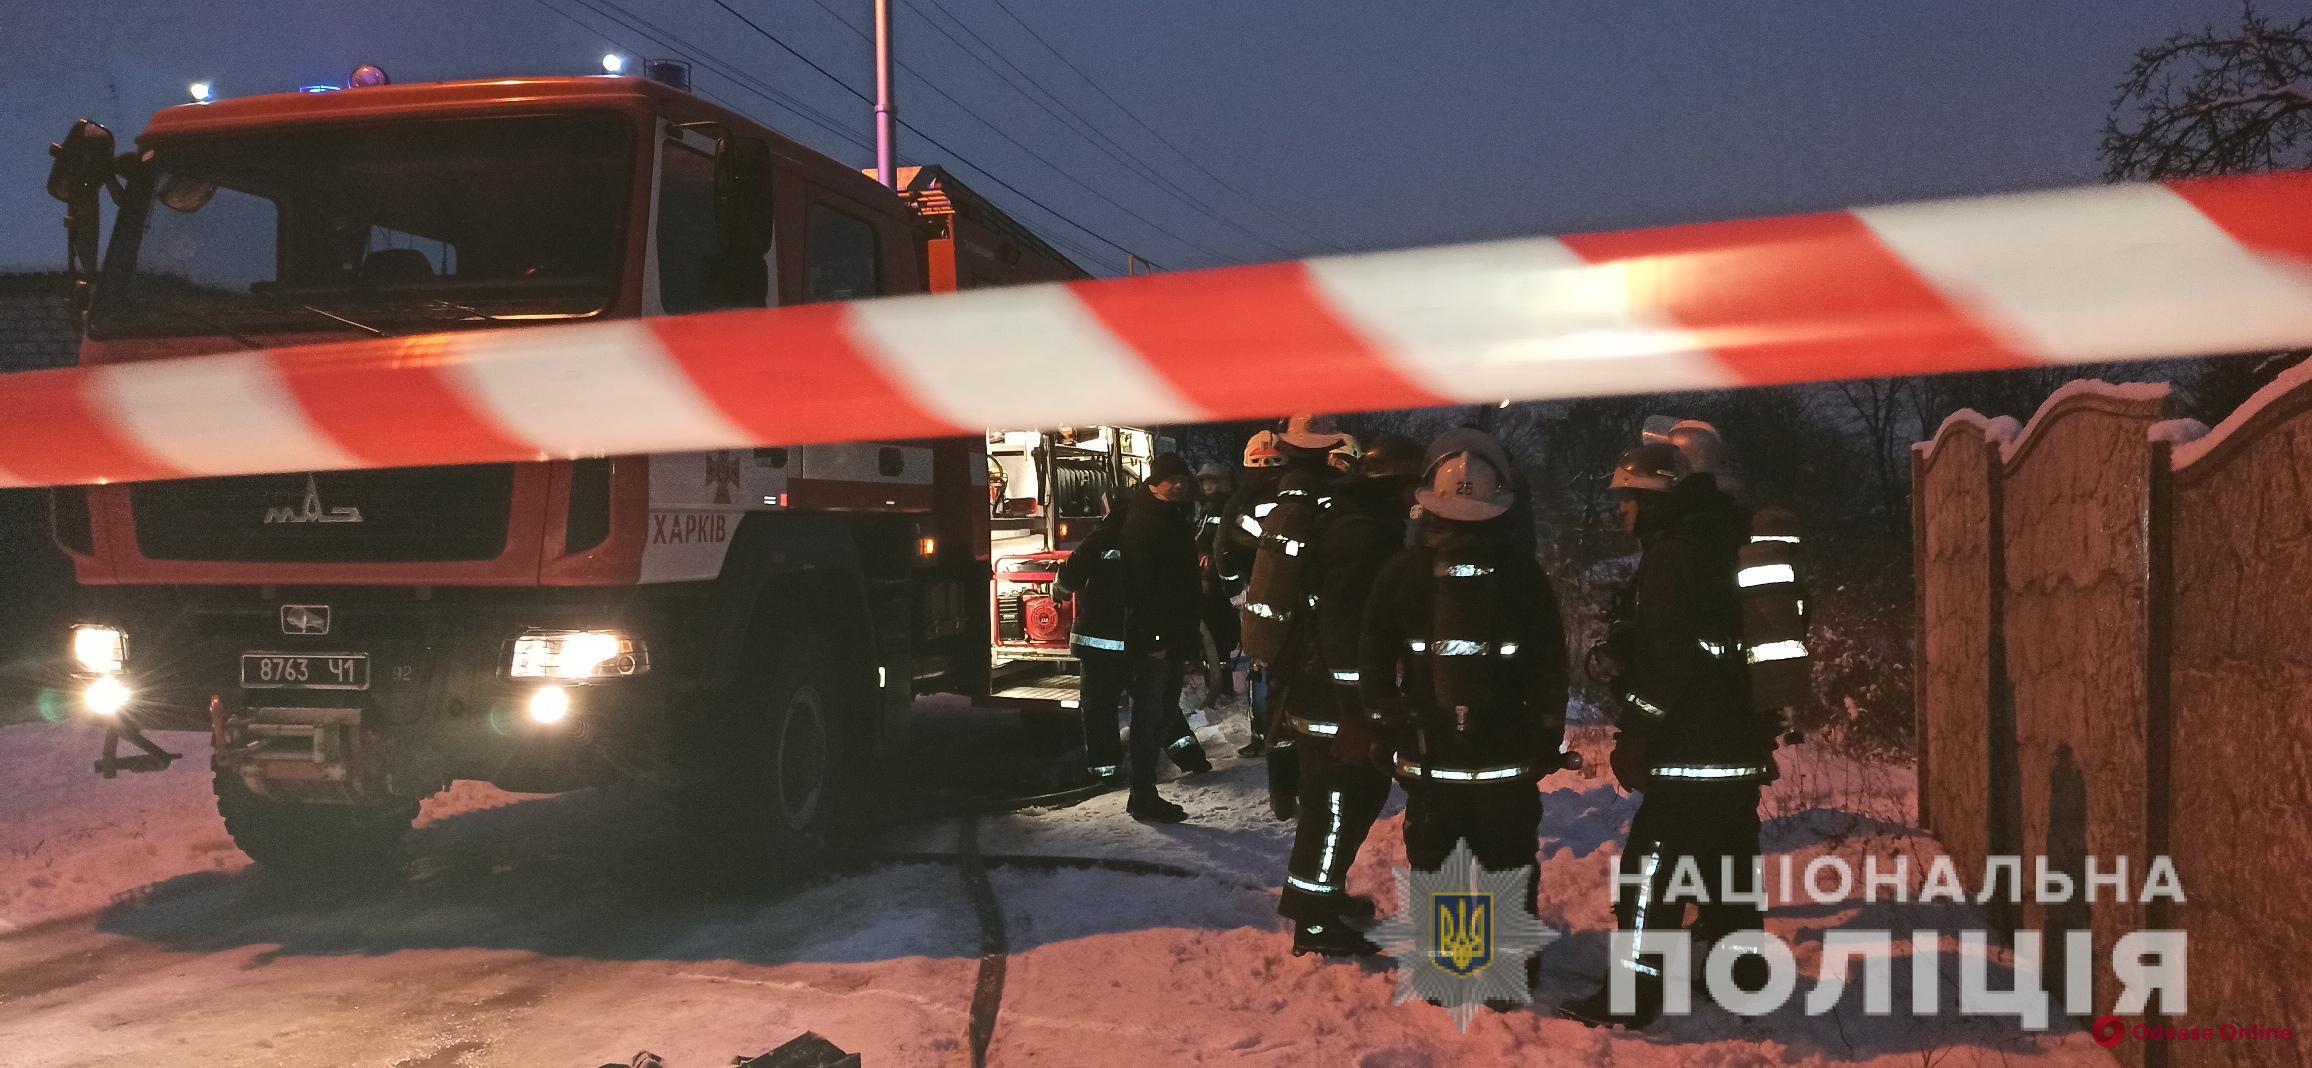 В Харькове горел дом престарелых — погибли 15 человек